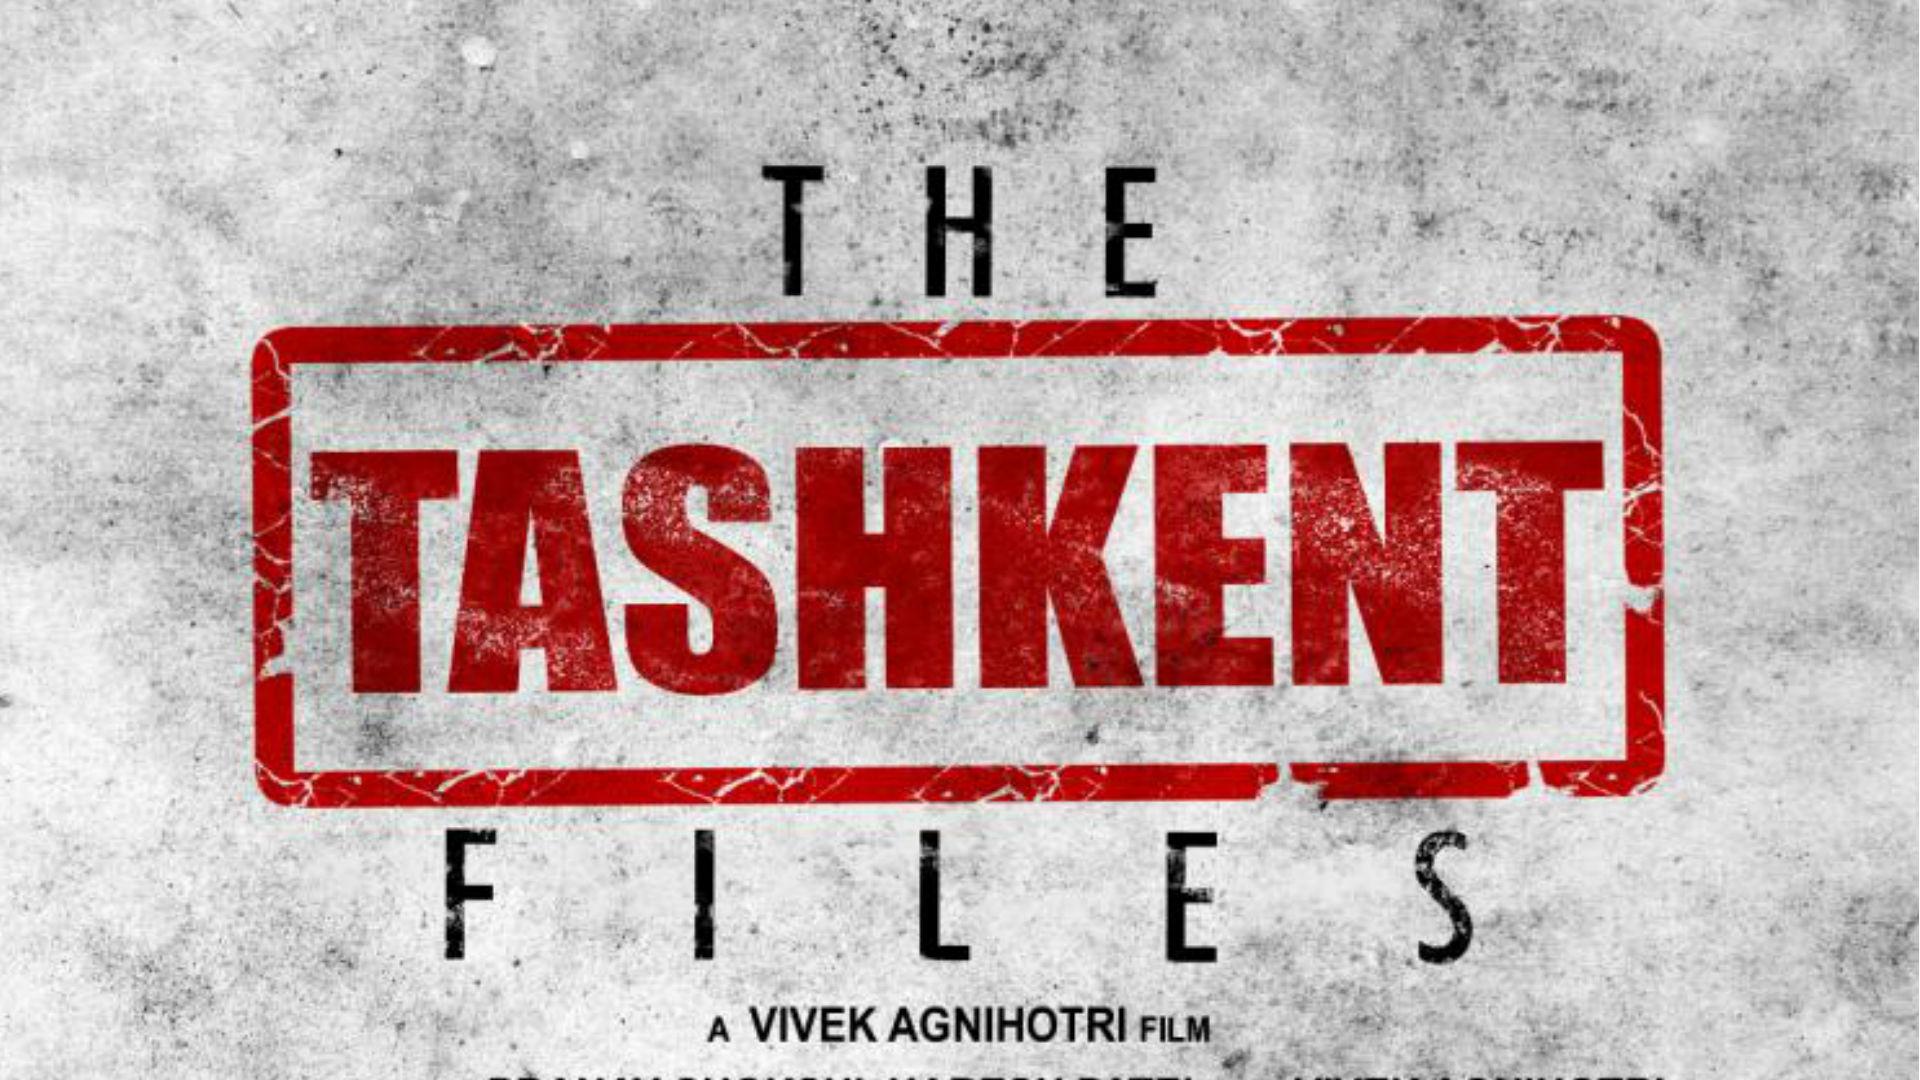 पूर्व पीएम लाल बहादुर शास्त्री की मौत पर सवाल खड़े करती है विवेक अग्निहोत्री की फिल्म द ताशकंद फाइल्स